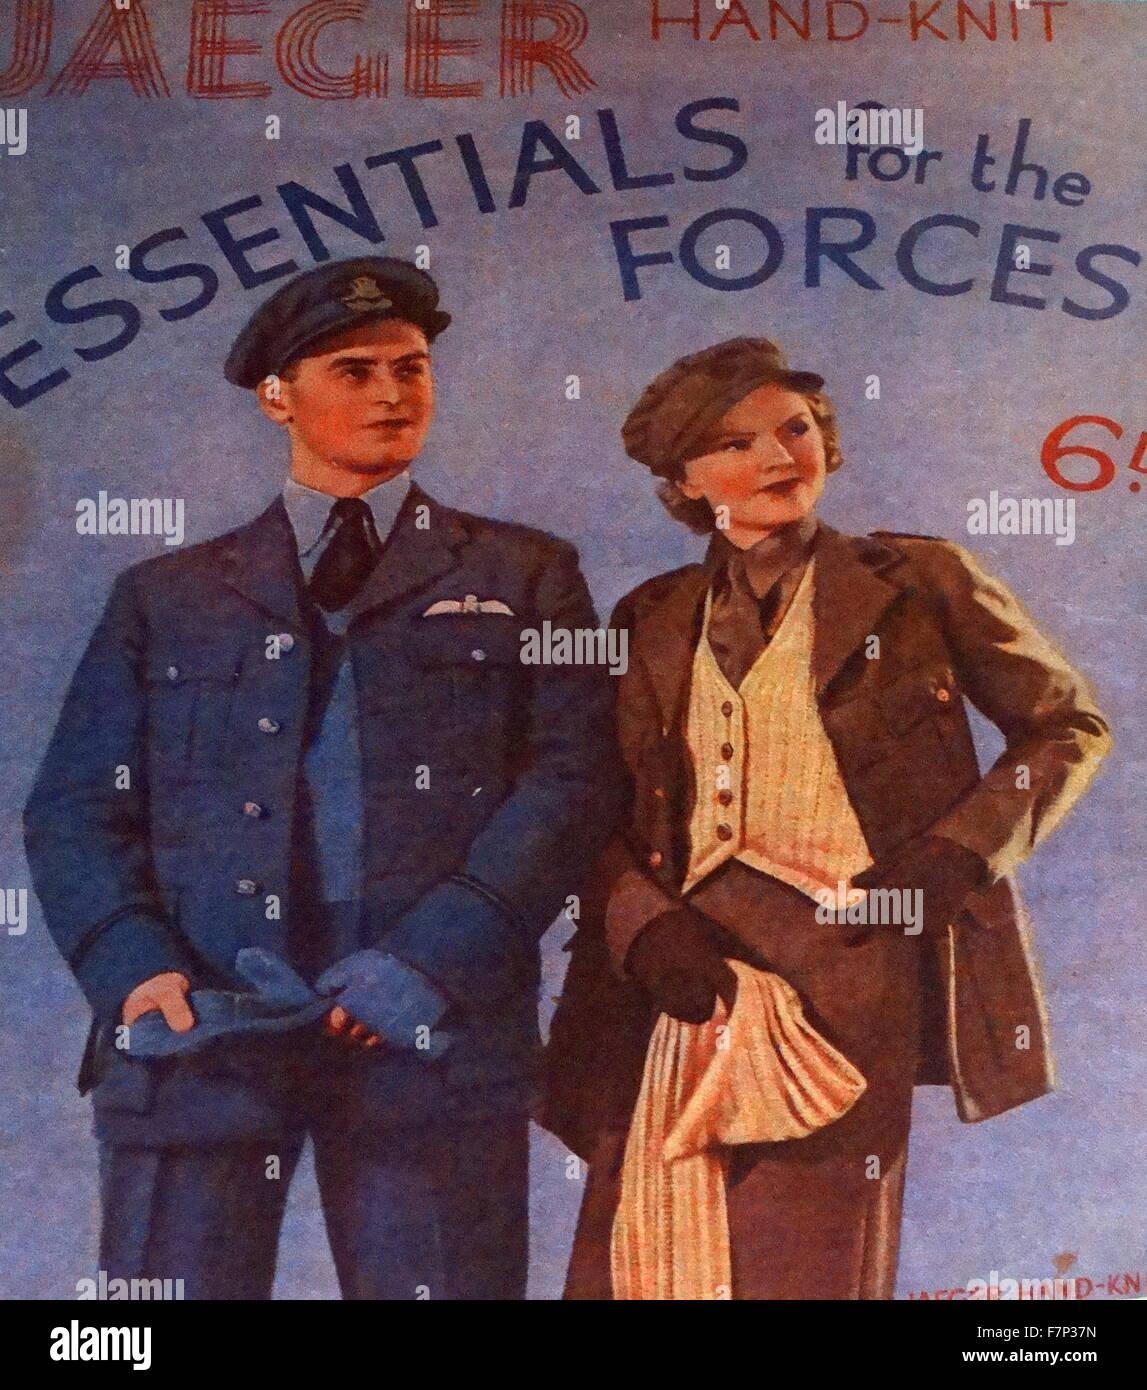 L'affiche de la seconde guerre mondiale. Datée 1939 Banque D'Images